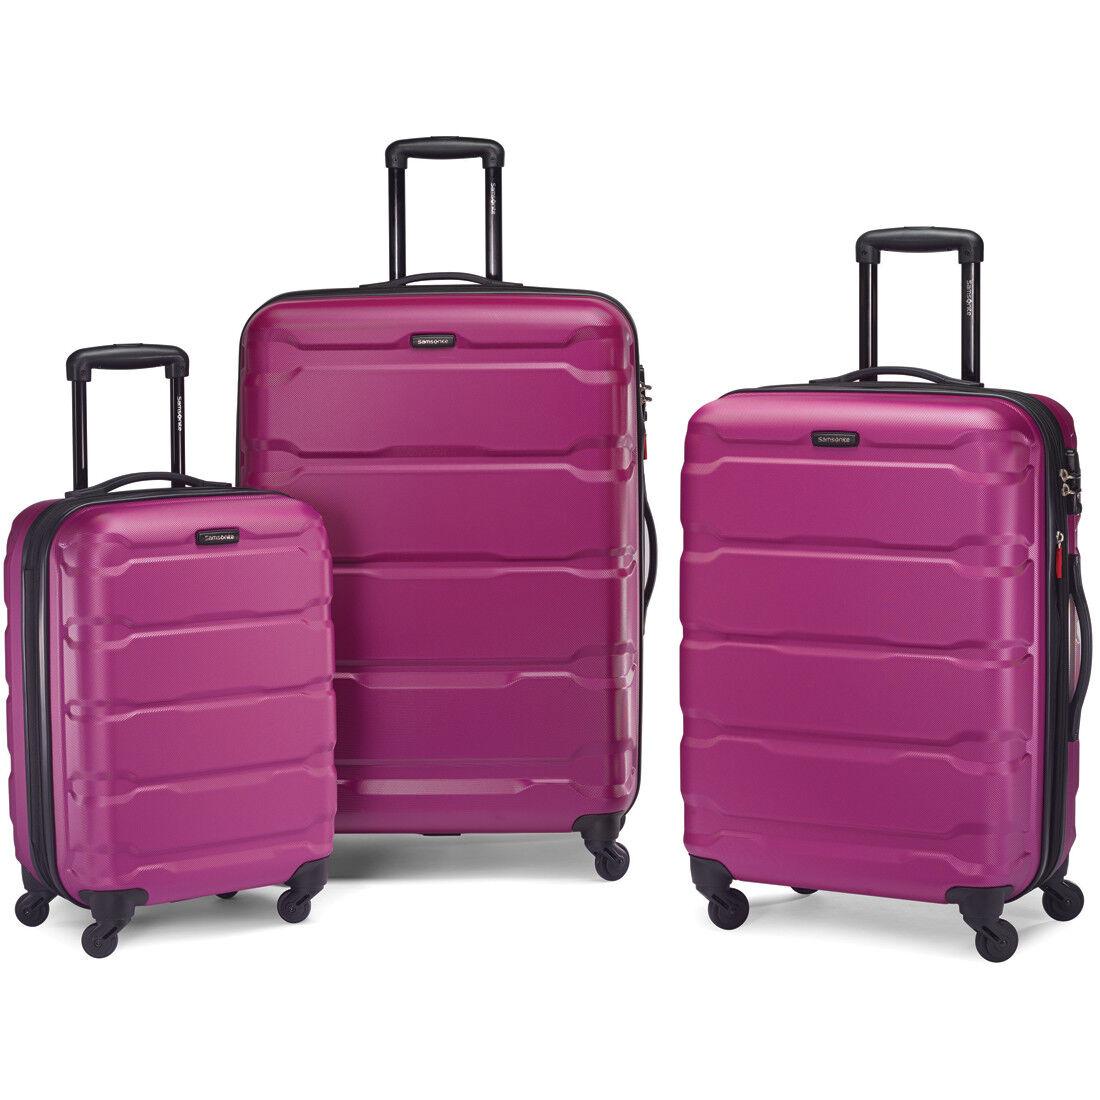 Samsonite Omni Hardside 3 Piece Nested Spinner Luggage Set (20, 24, & 28 Inch) Radiant Pink